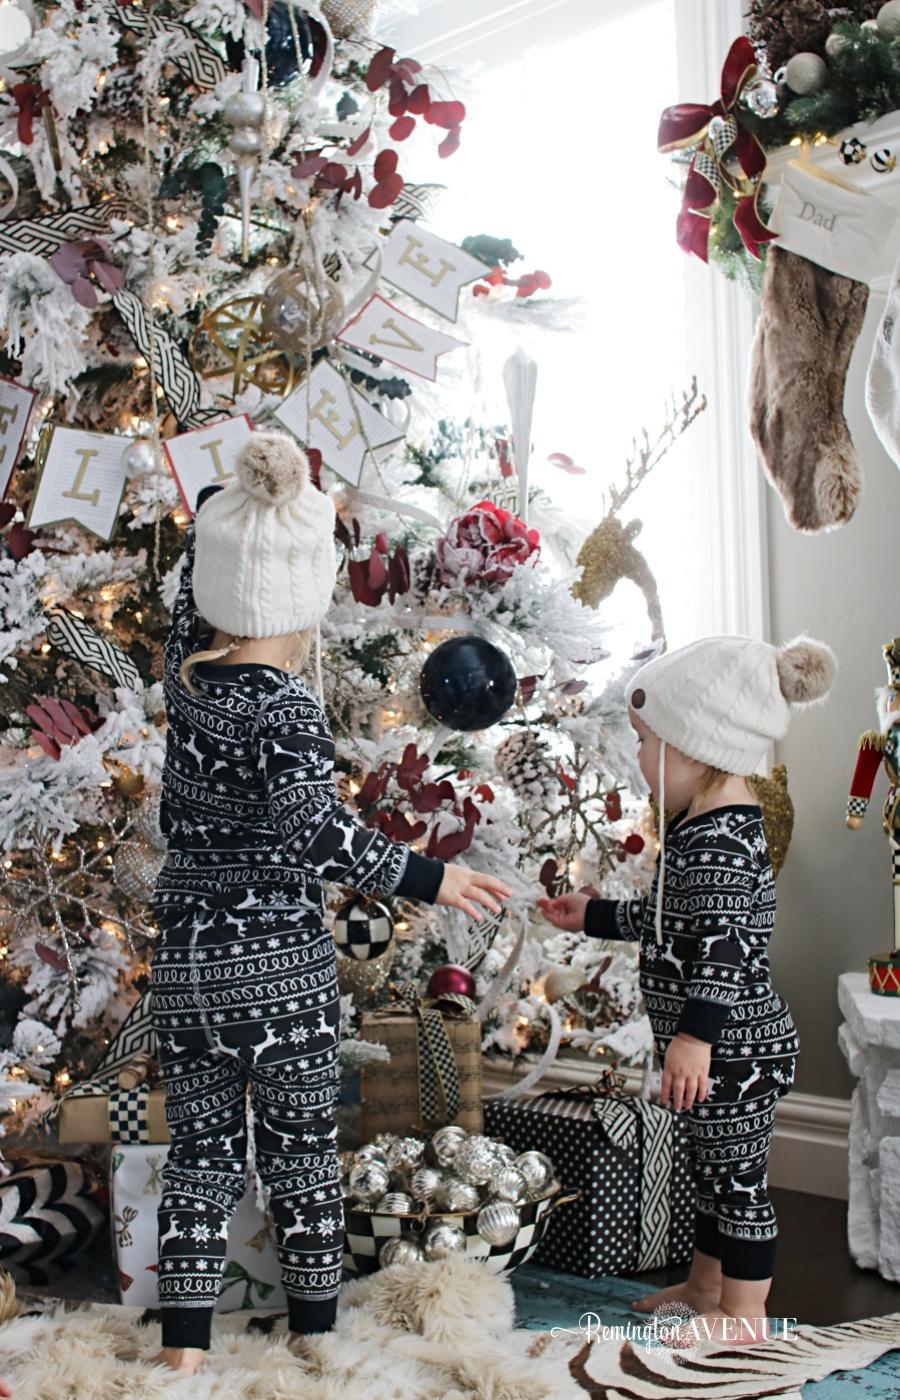 Home for Christmas - Tips for seasonal Decorating